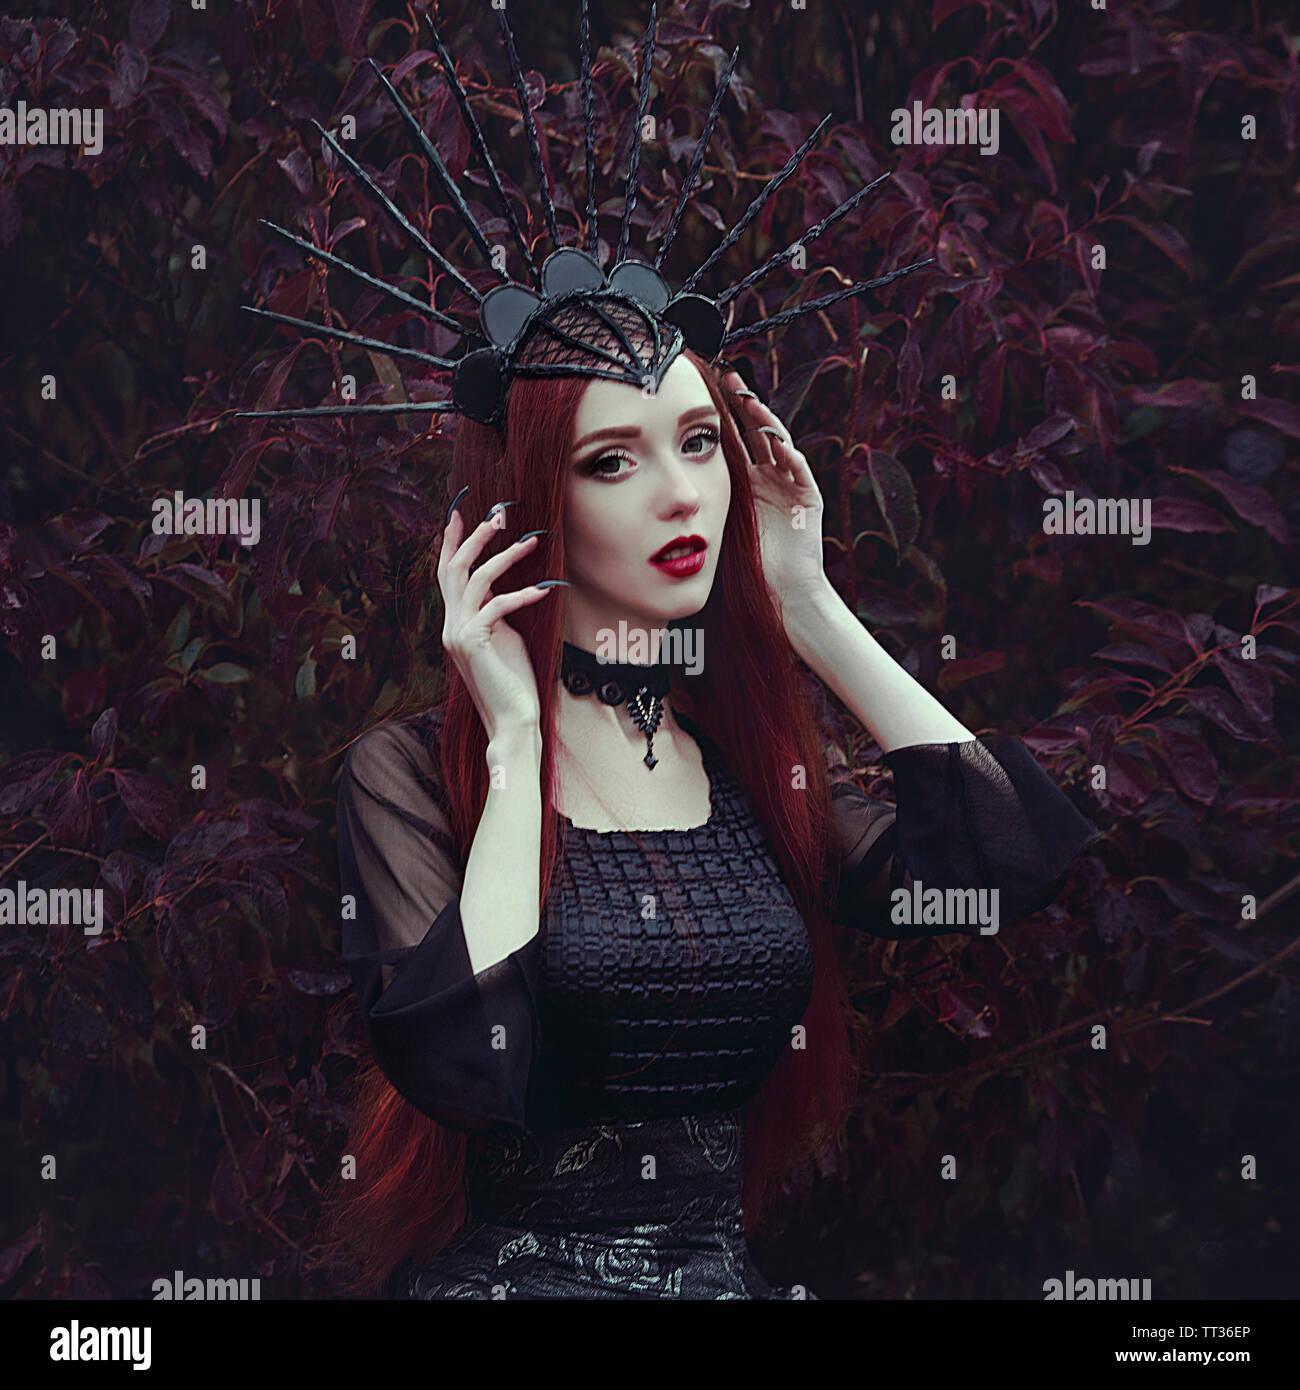 Eine Schöne Frau Mit Blasser Haut Und Lange Rote Haare In